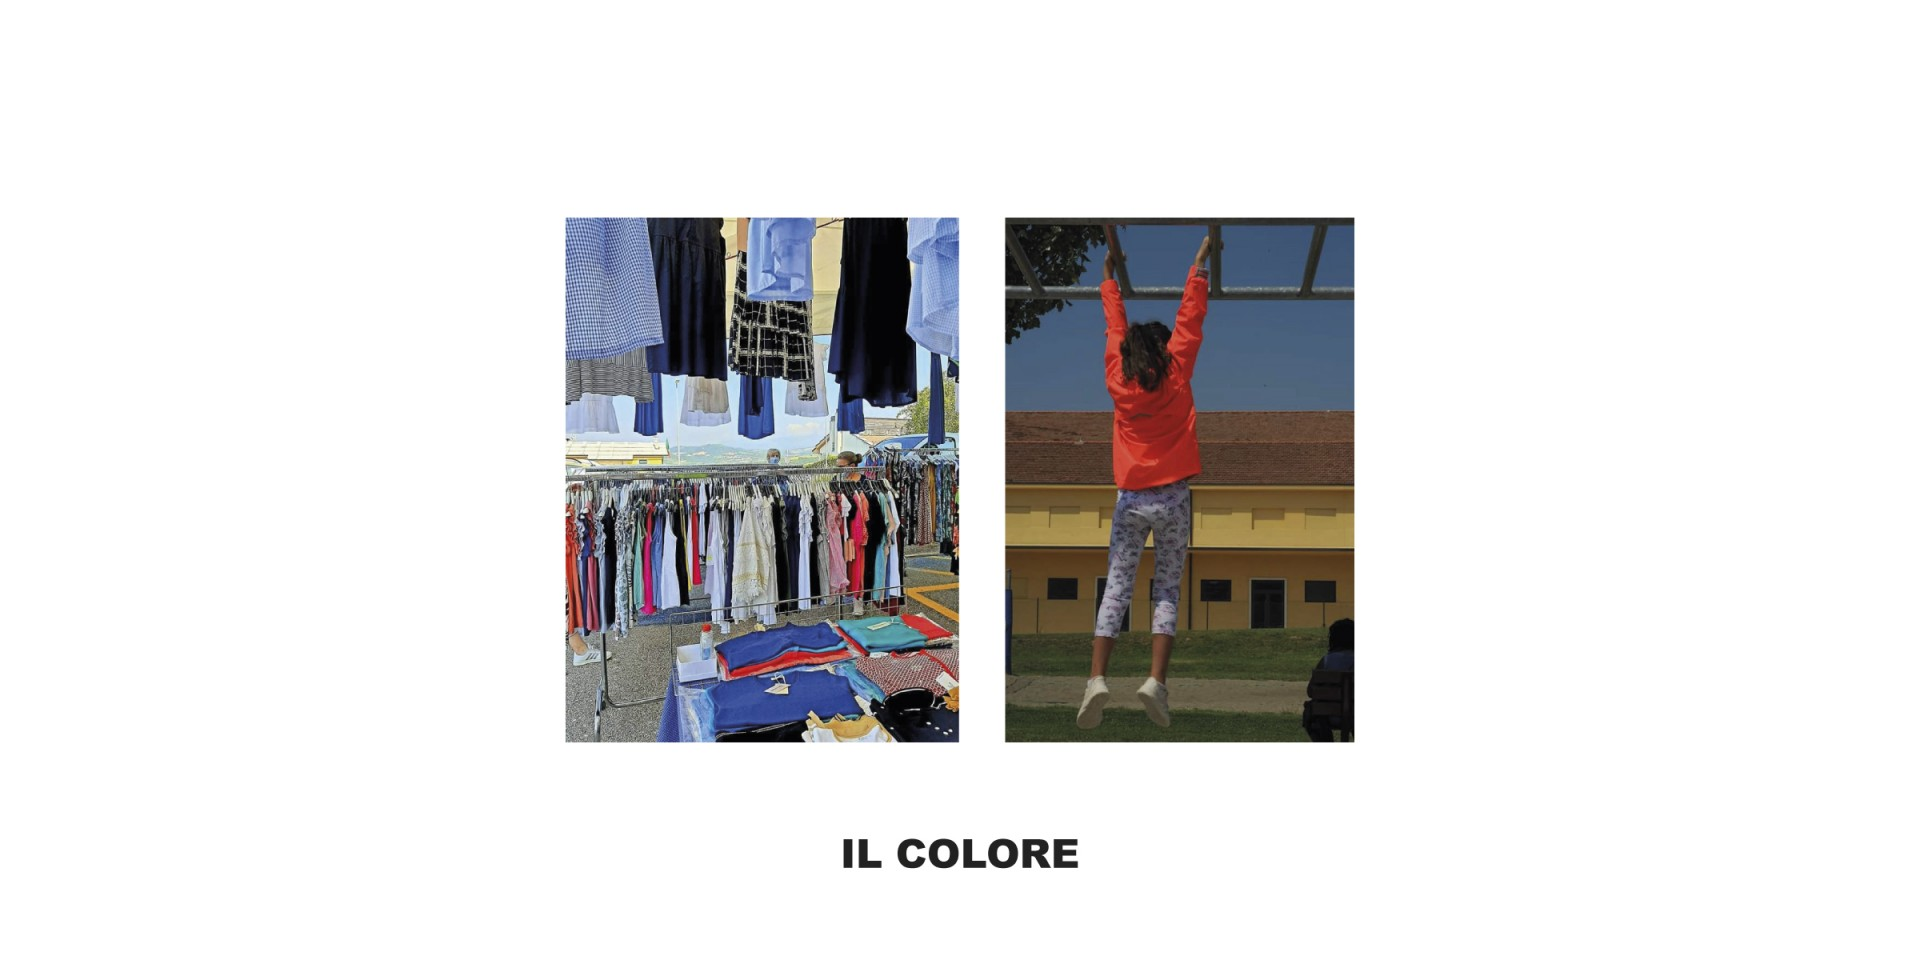 02-slide-il-colore-4.jpg